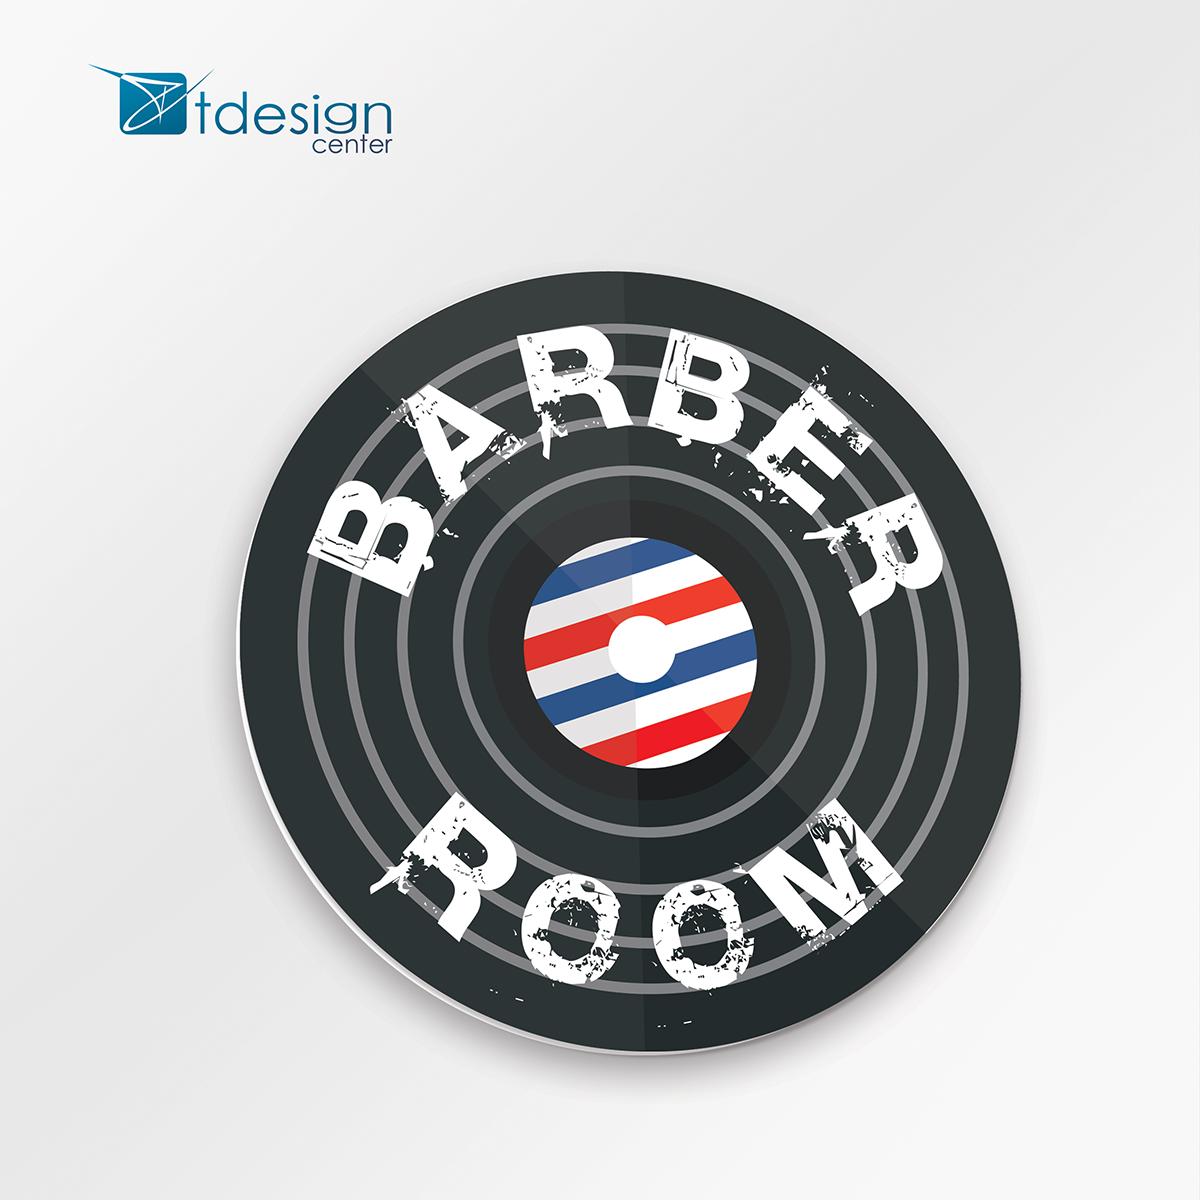 Tablica DIBOND 65x65cm - projekt + realizacja dla salonu fryzjerskiego Look'n'Roll